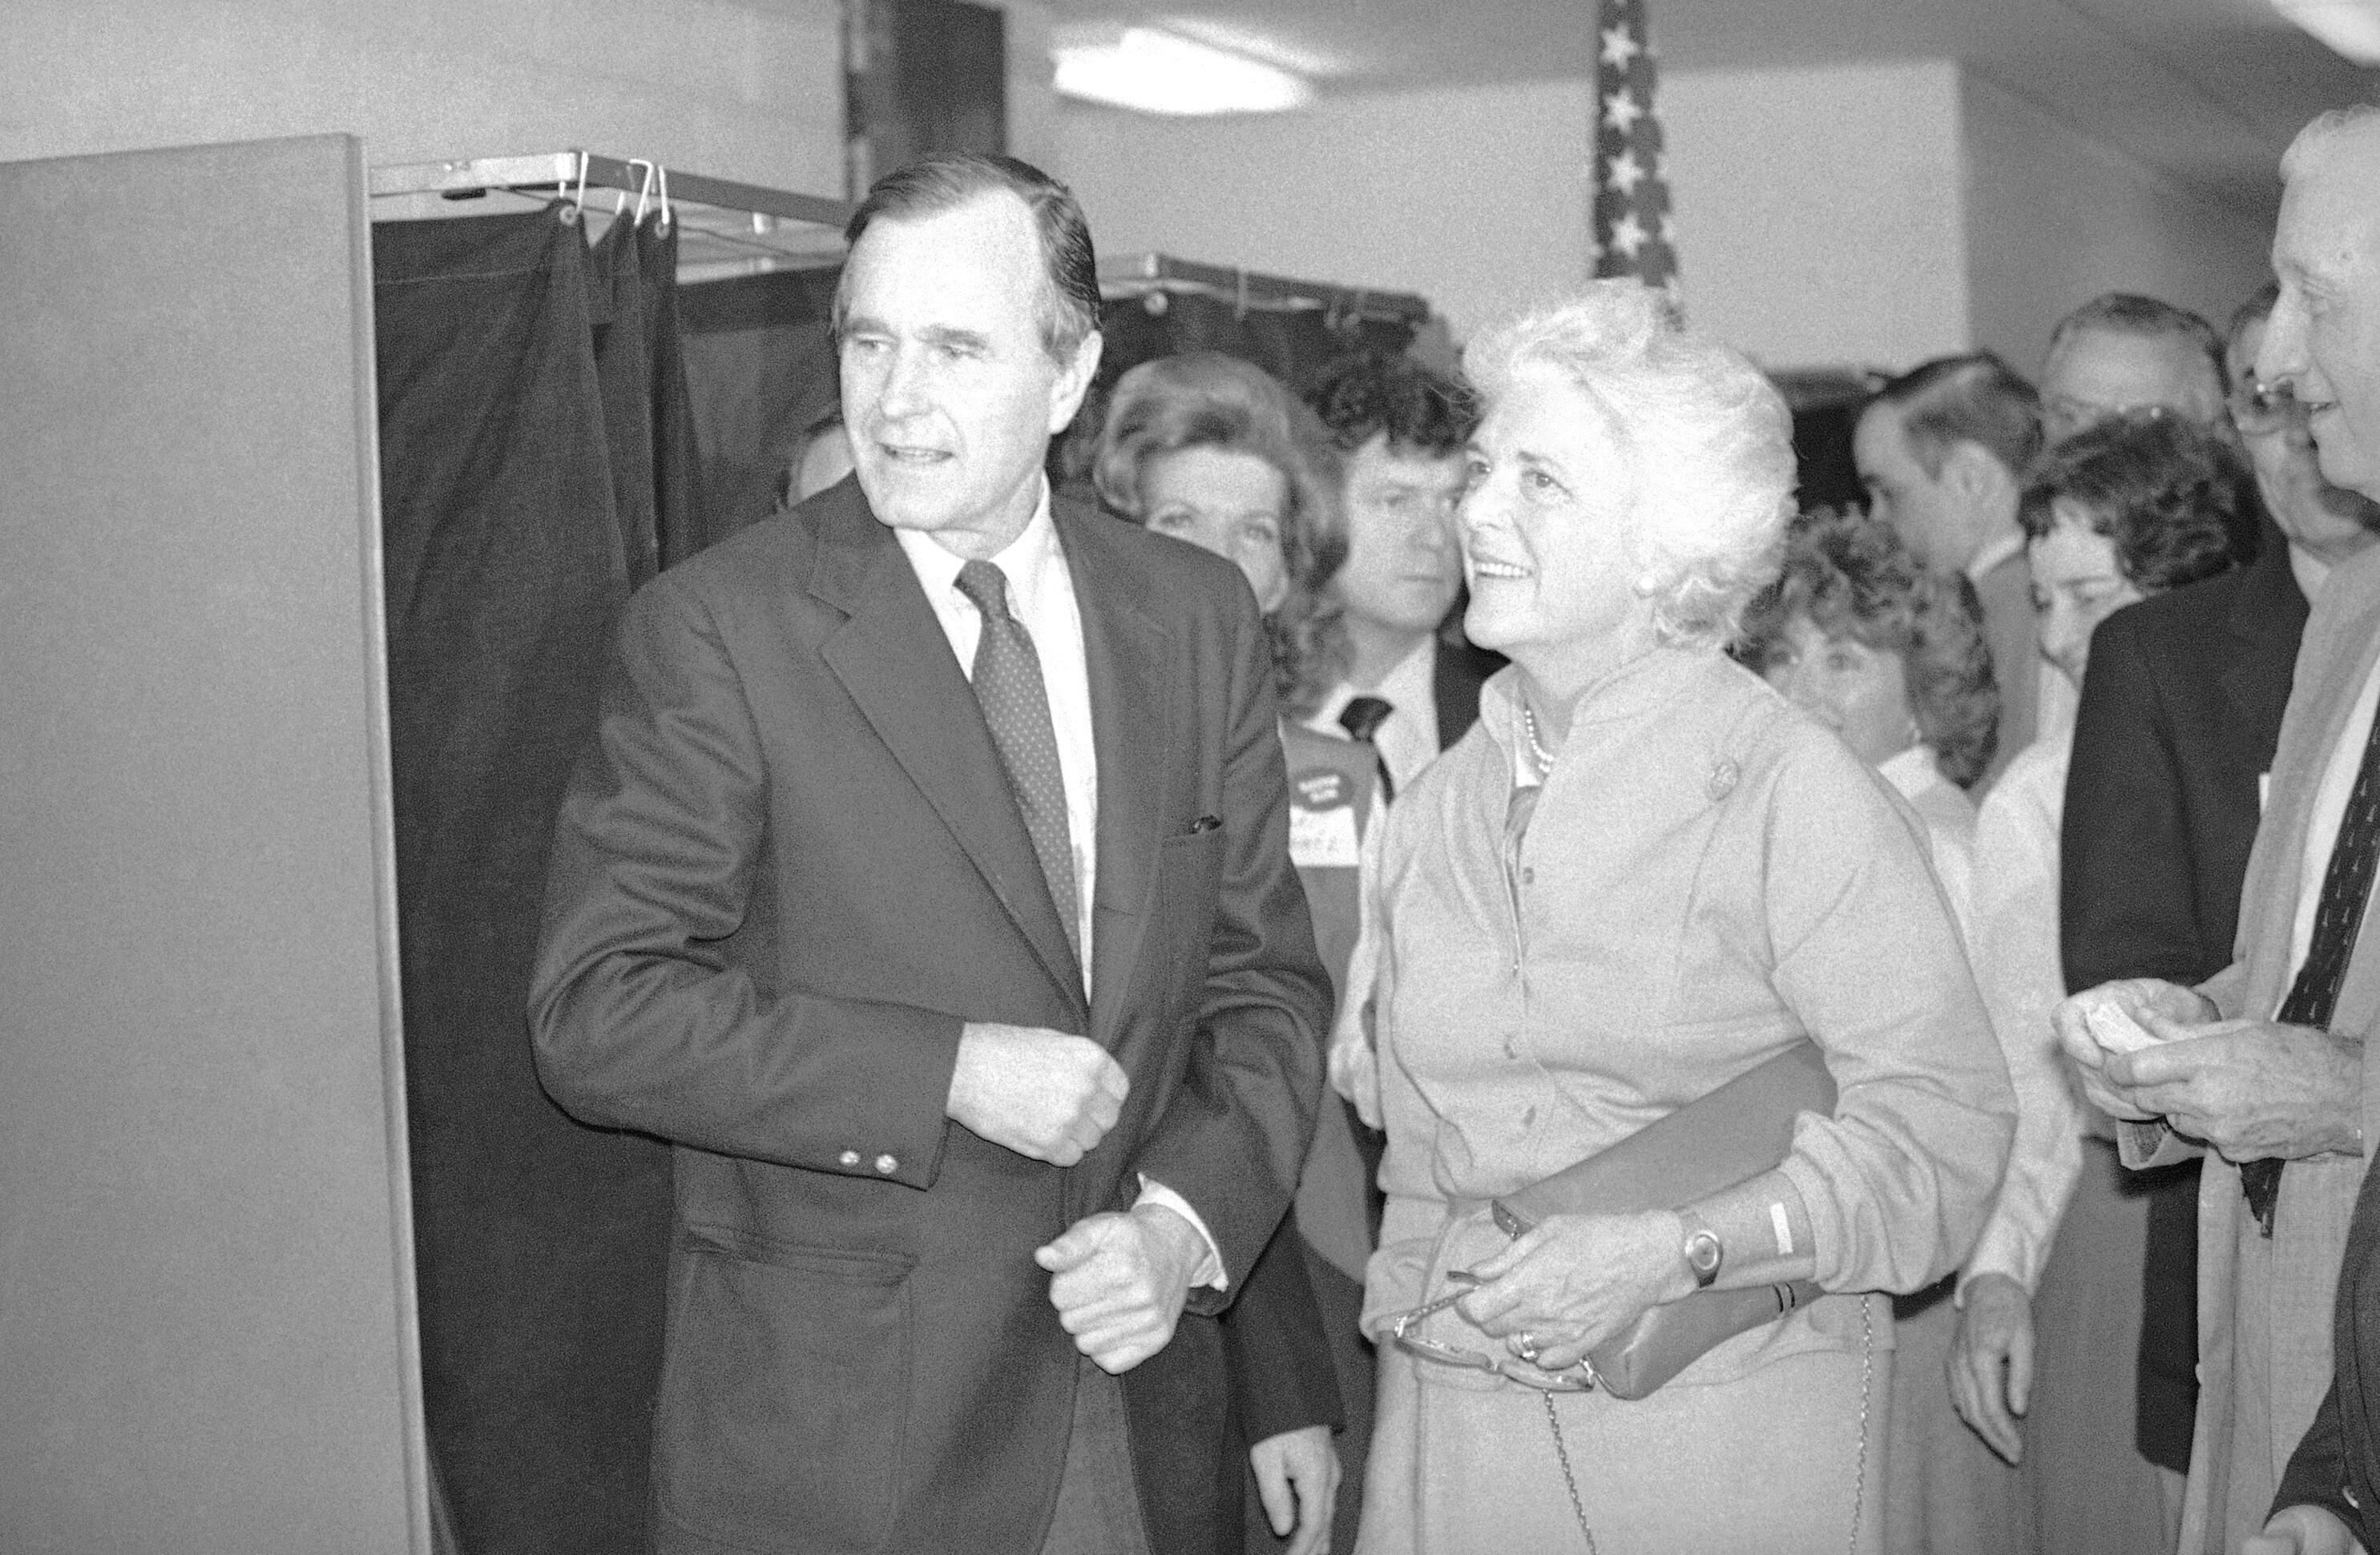 乔治布什和芭芭拉布什